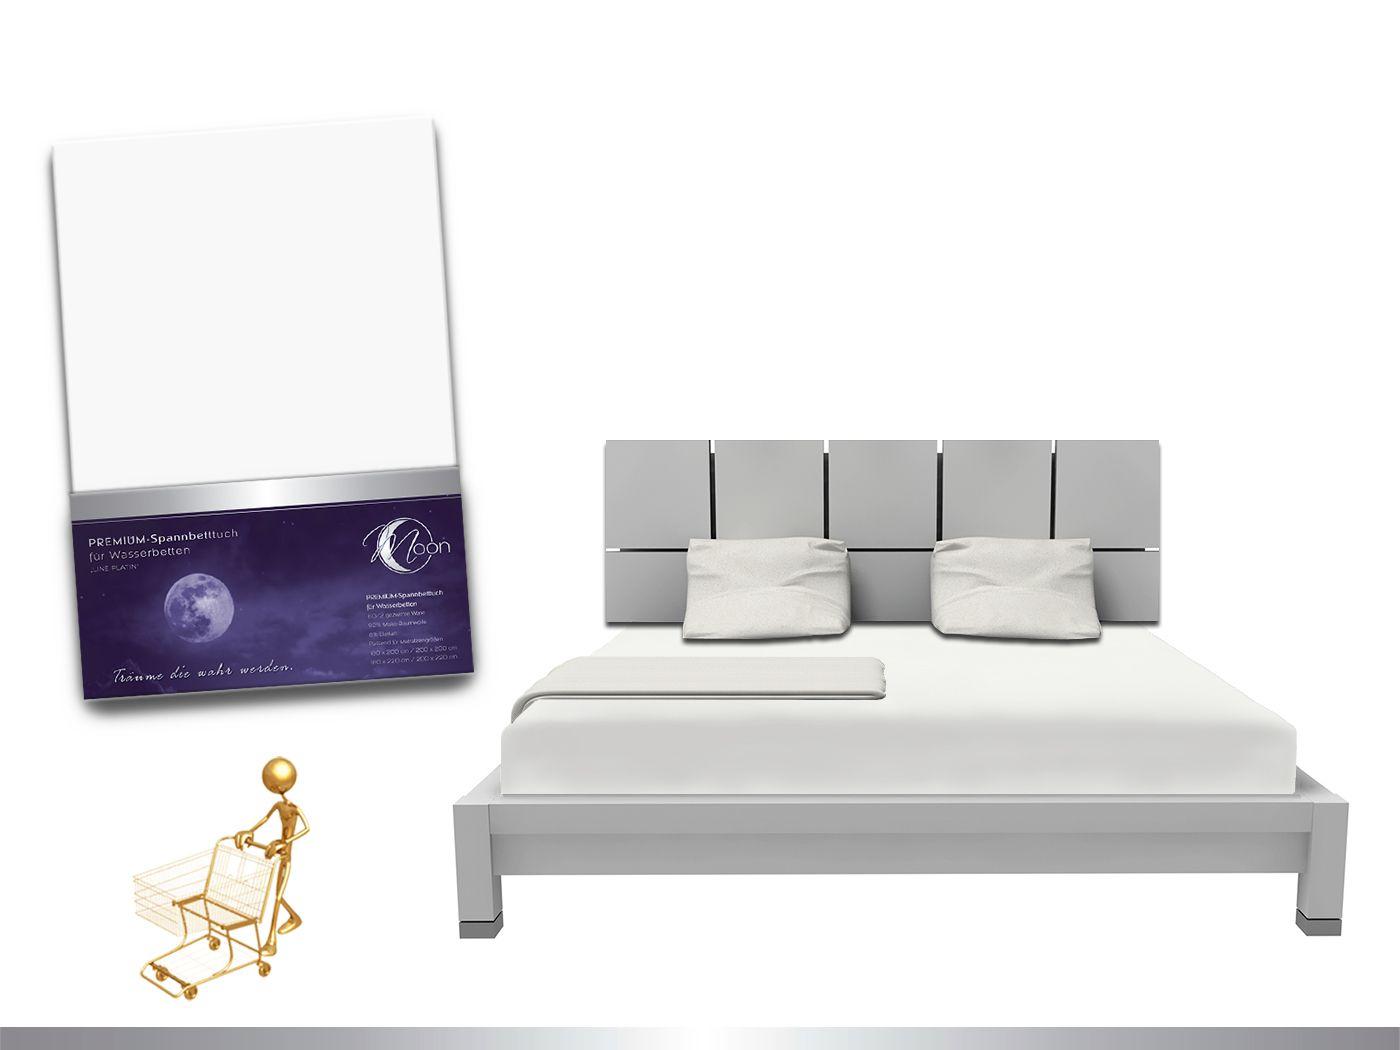 """Luxus Wasserbett Spannbettlaken """"Line platin"""" 180 - 200x220 240g/m² Spannbe günstig online kaufen"""